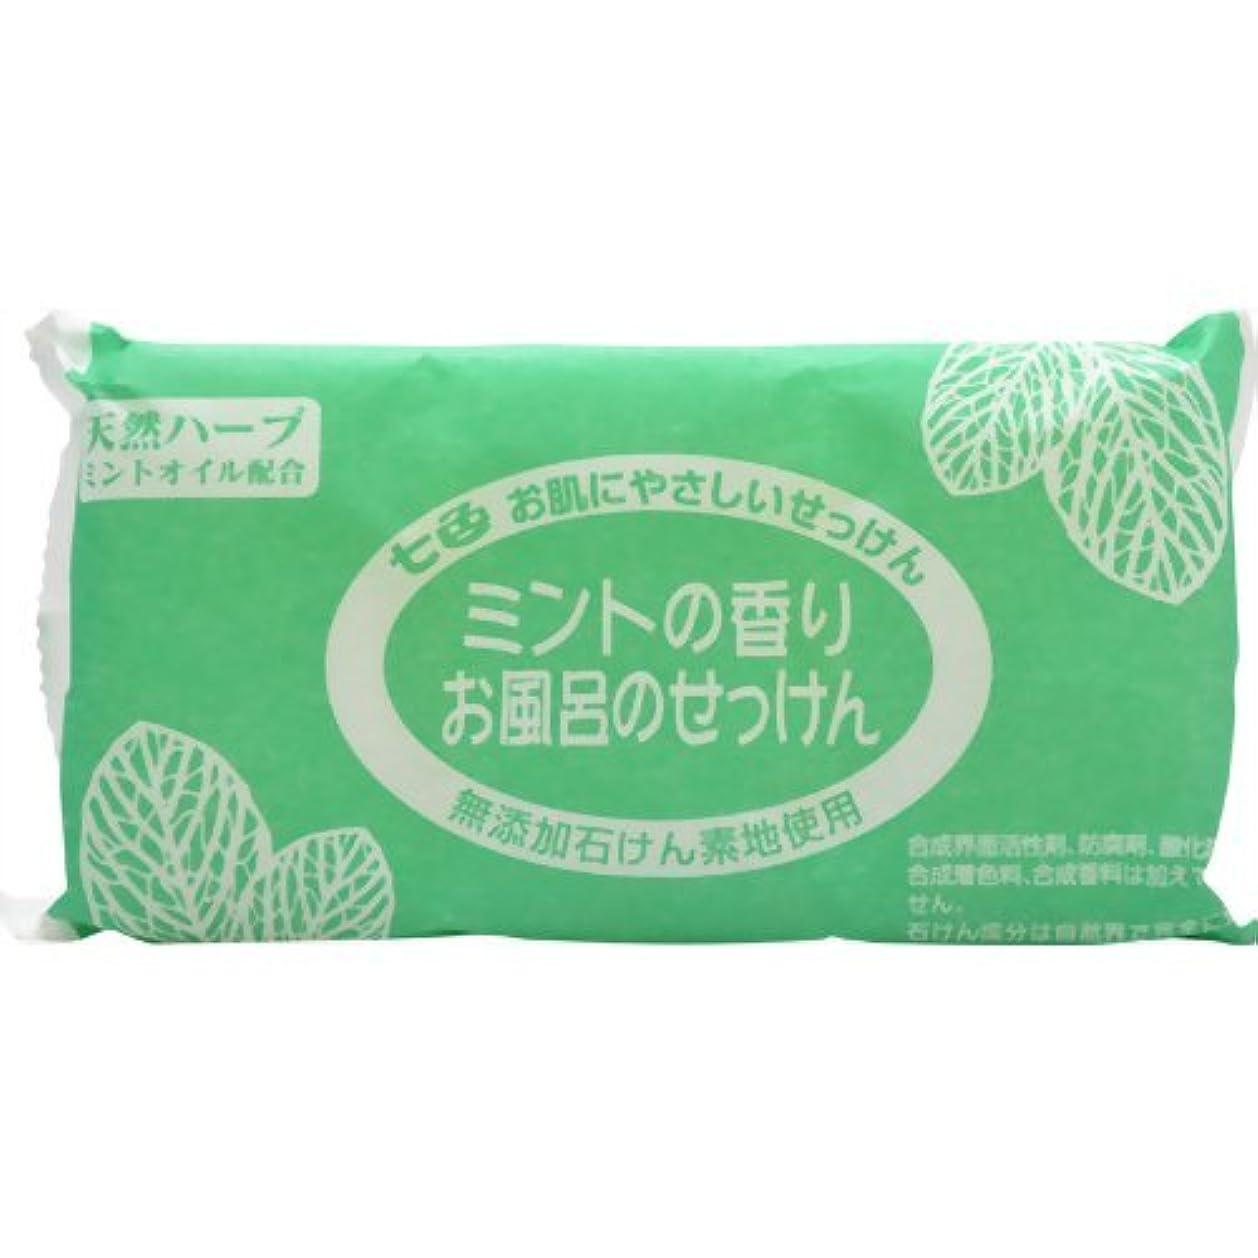 想像力シリアル胚七色 お風呂のせっけん ミントの香り(無添加石鹸) 100g×3個入